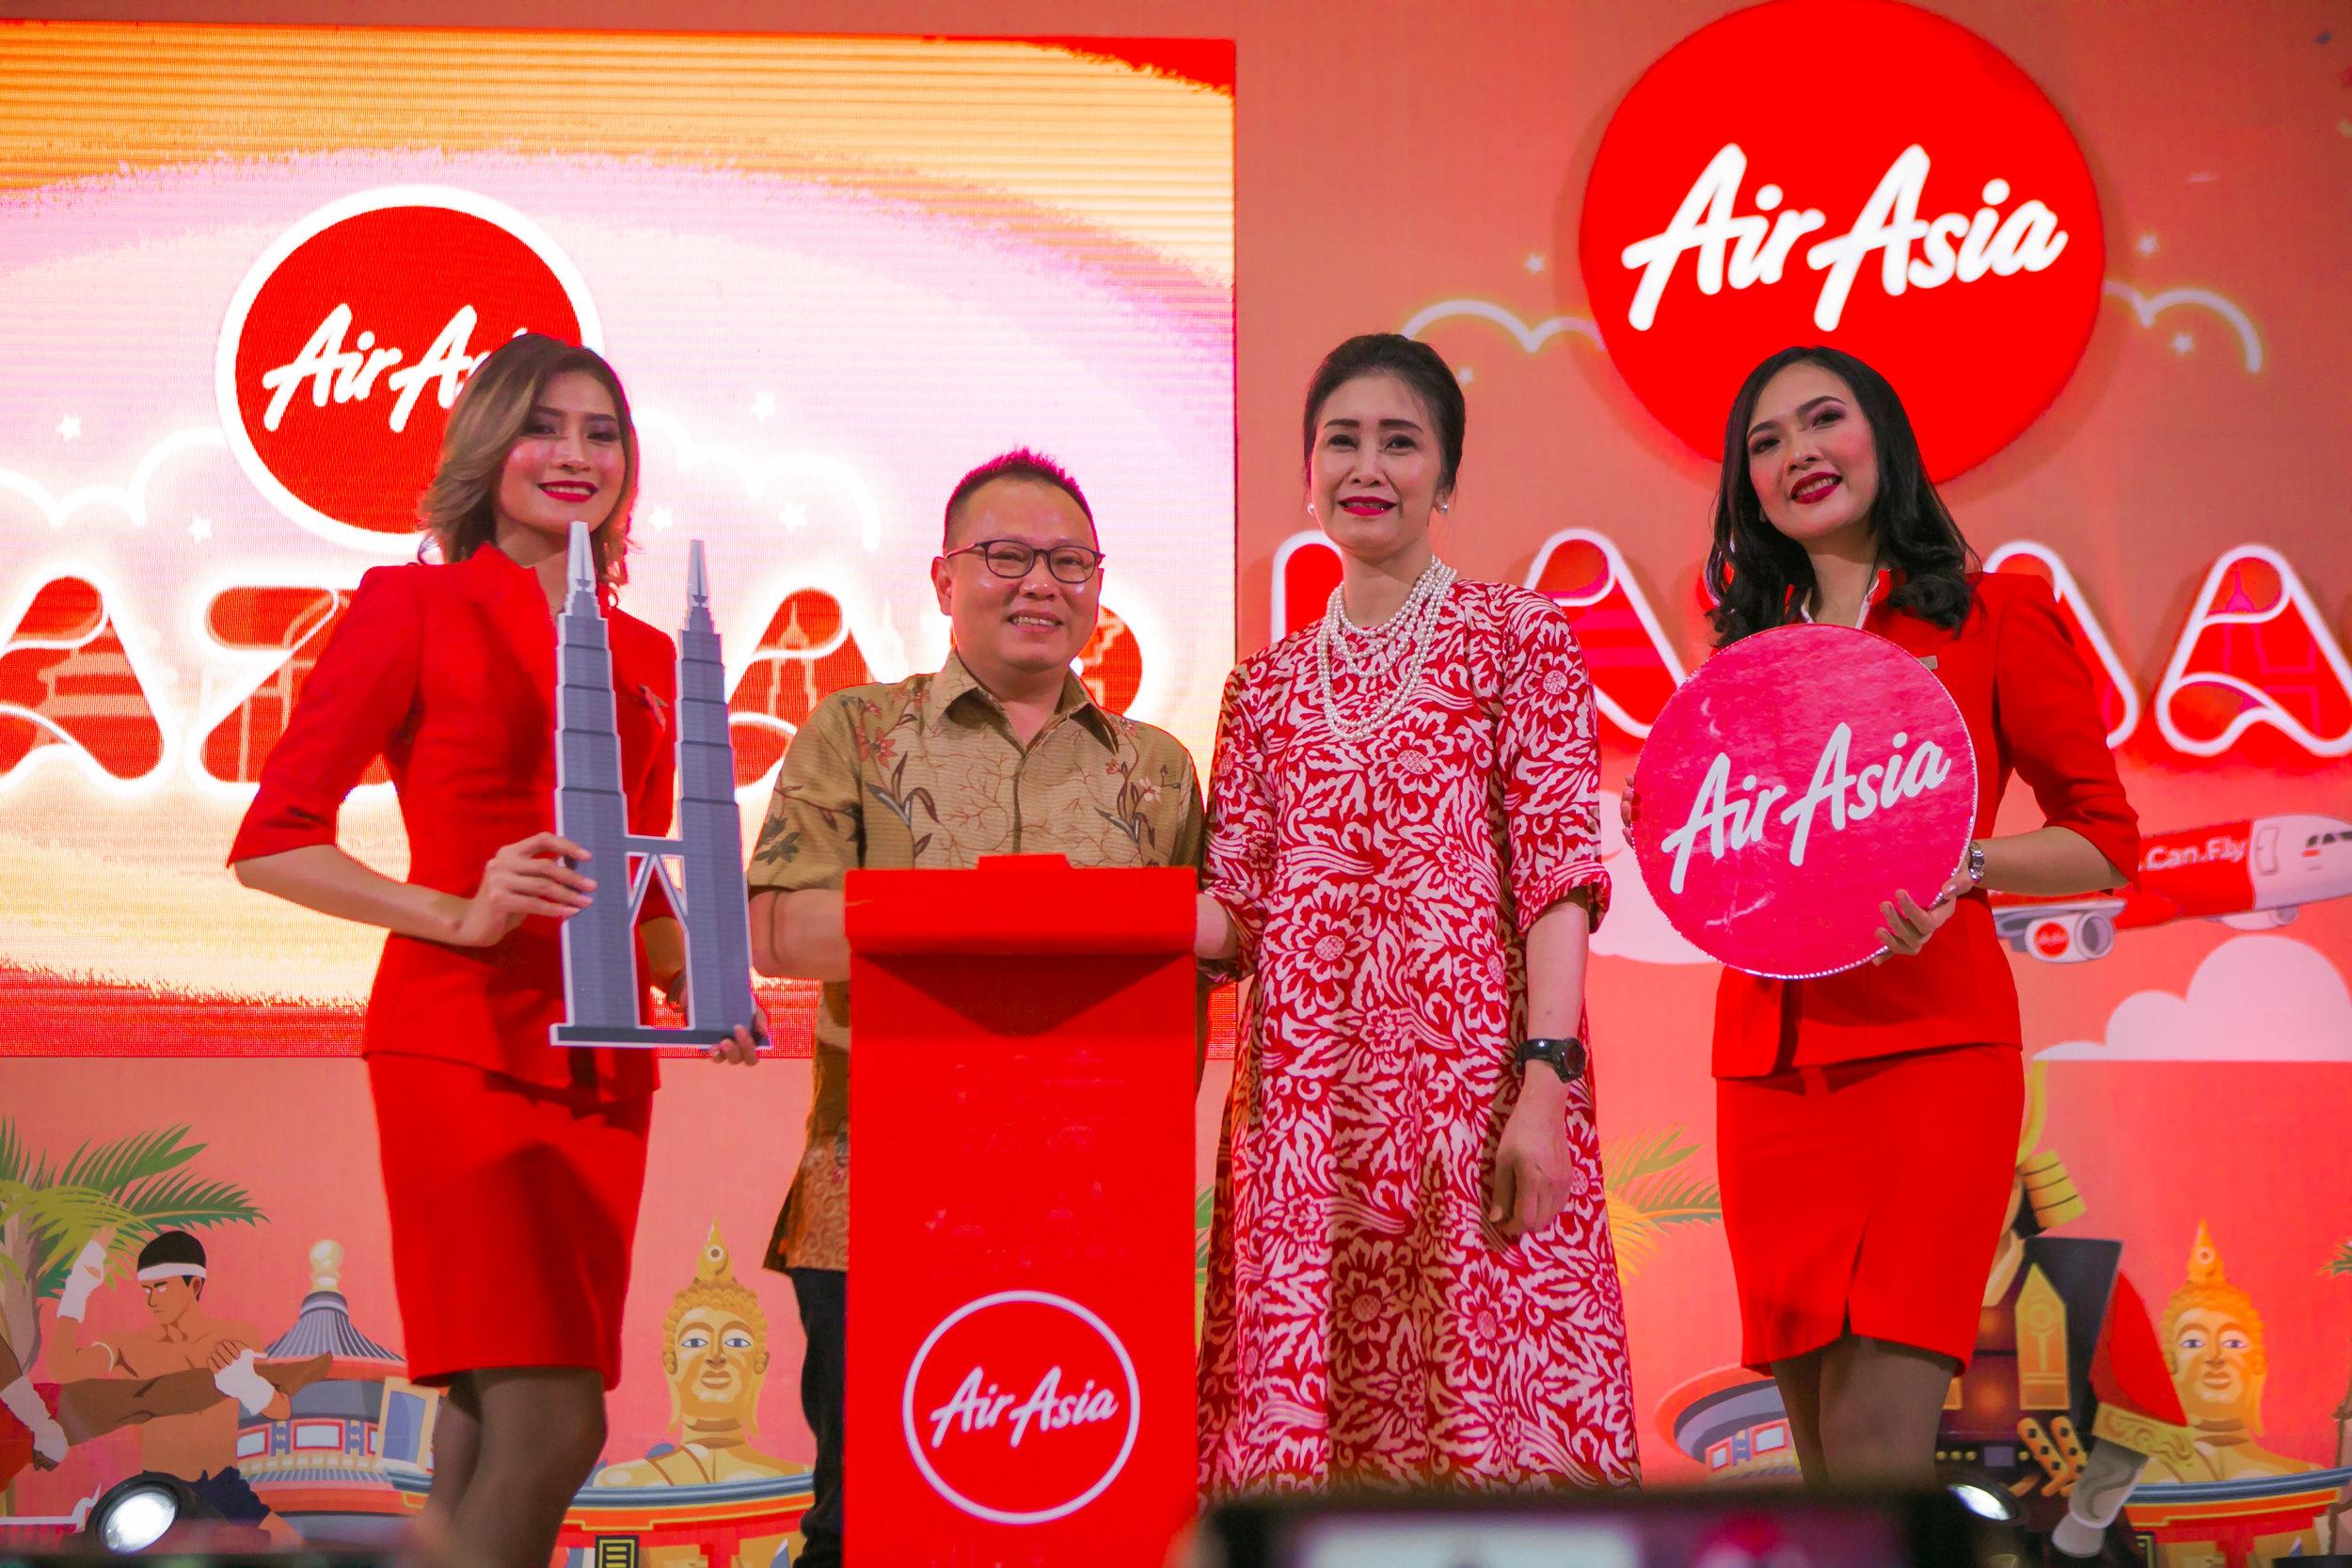 Direktur Niaga AirAsia Indonesia, Rifai Taberi (kedua dari kiri) dan Direktur Konsumer Bank BRI, Handayani (kedua dari kanan) meresmikan AirAsia Bazaar di Kota Kasablanka, Jakarta hari ini.